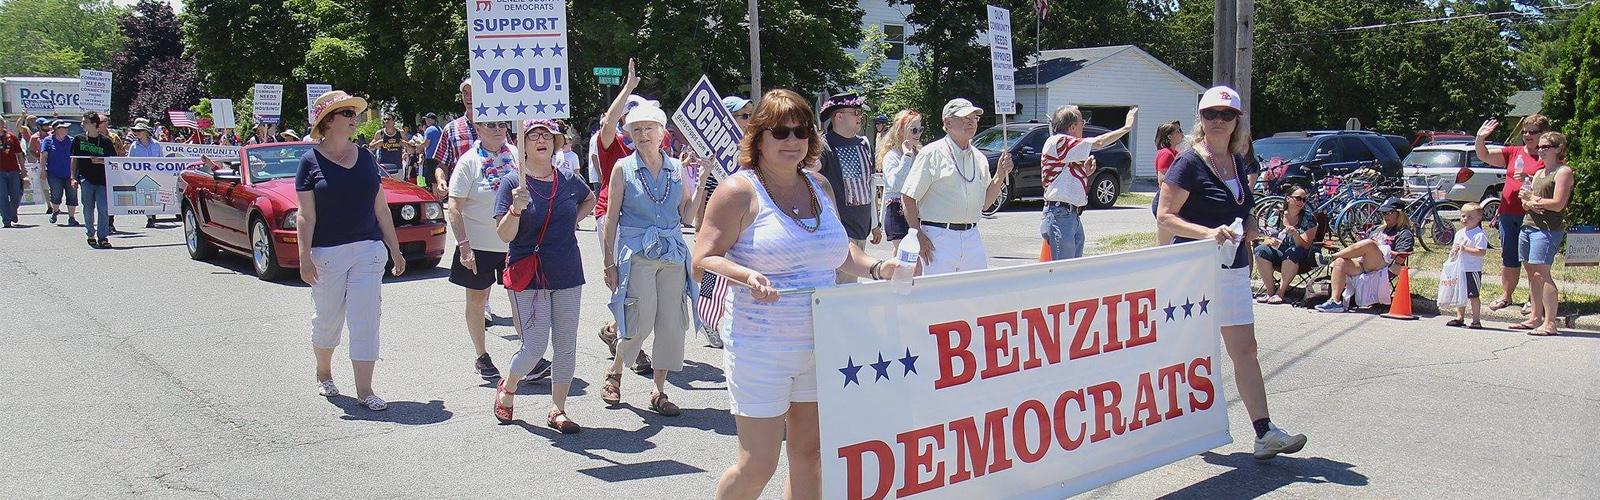 Benzie Democrats